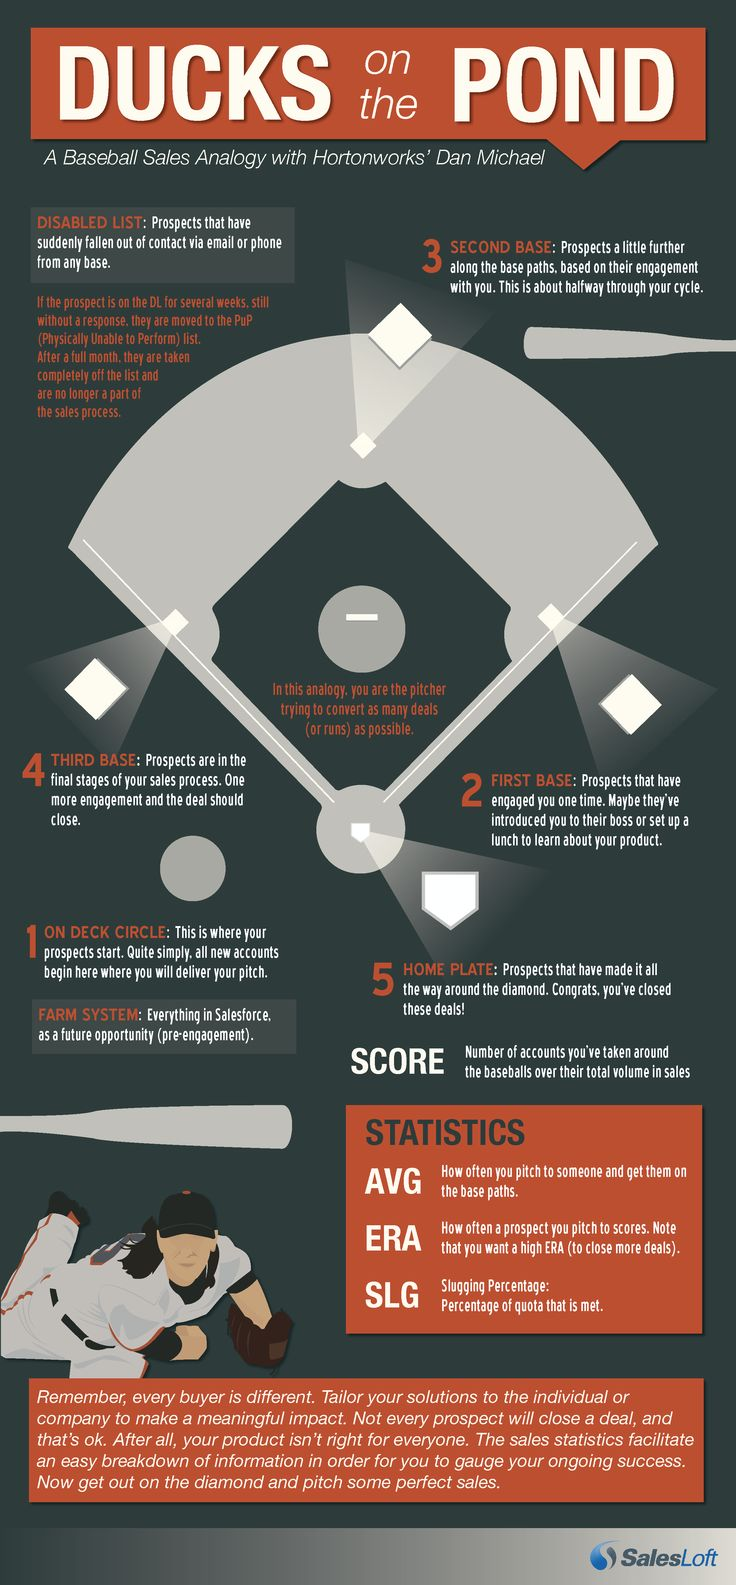 baseball analogies for dating